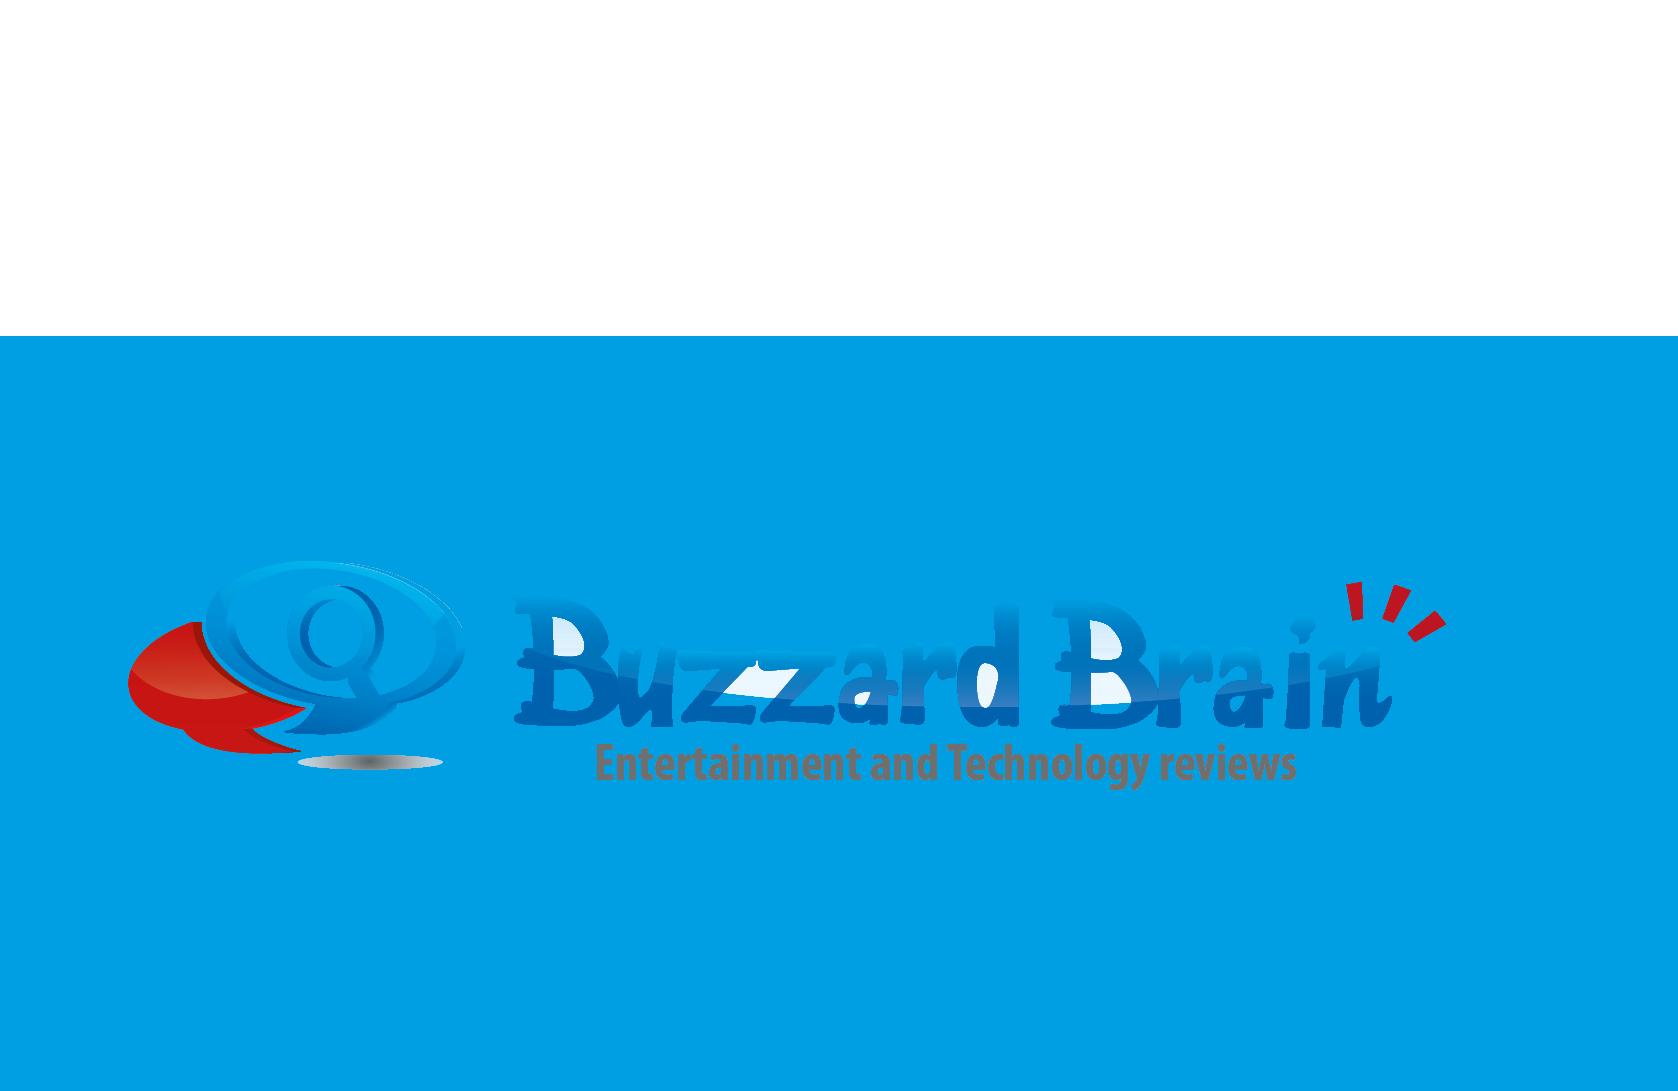 Logo Design by 354studio - Entry No. 96 in the Logo Design Contest Buzzard Brain Logo Design.